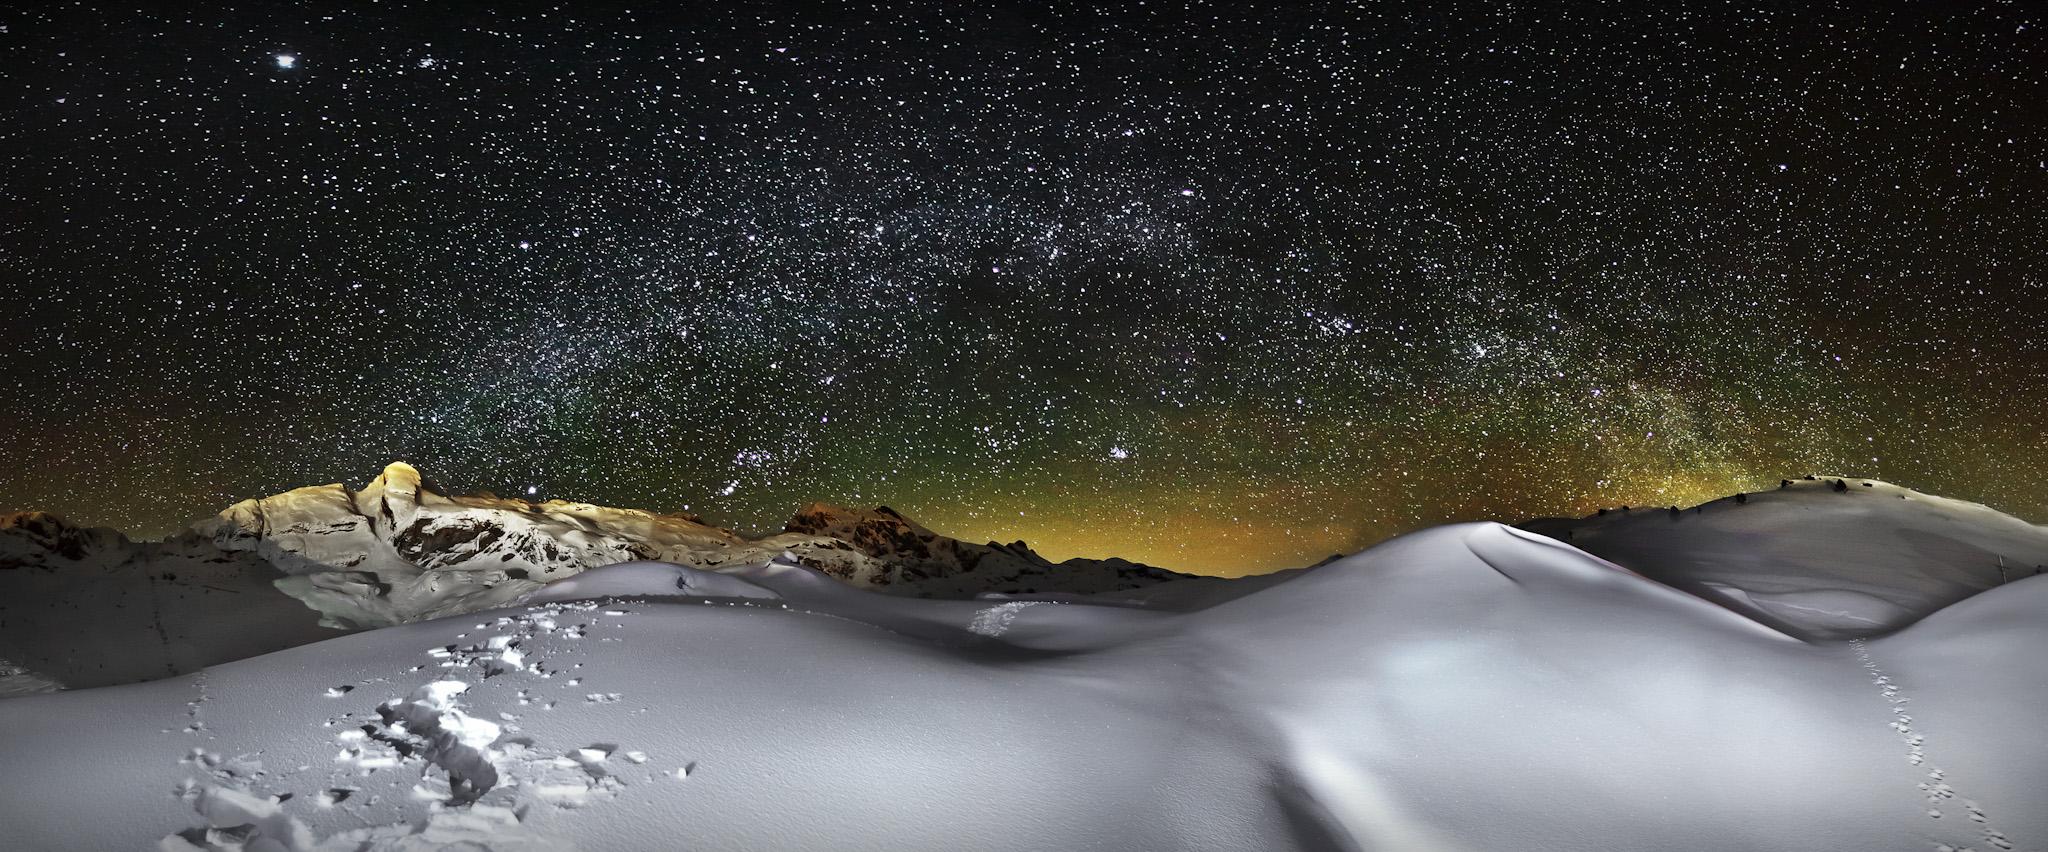 Vía Lactea desde el Teleroca - Paisajes del valle - Fotos del Valle del Aragón, Mikel Besga